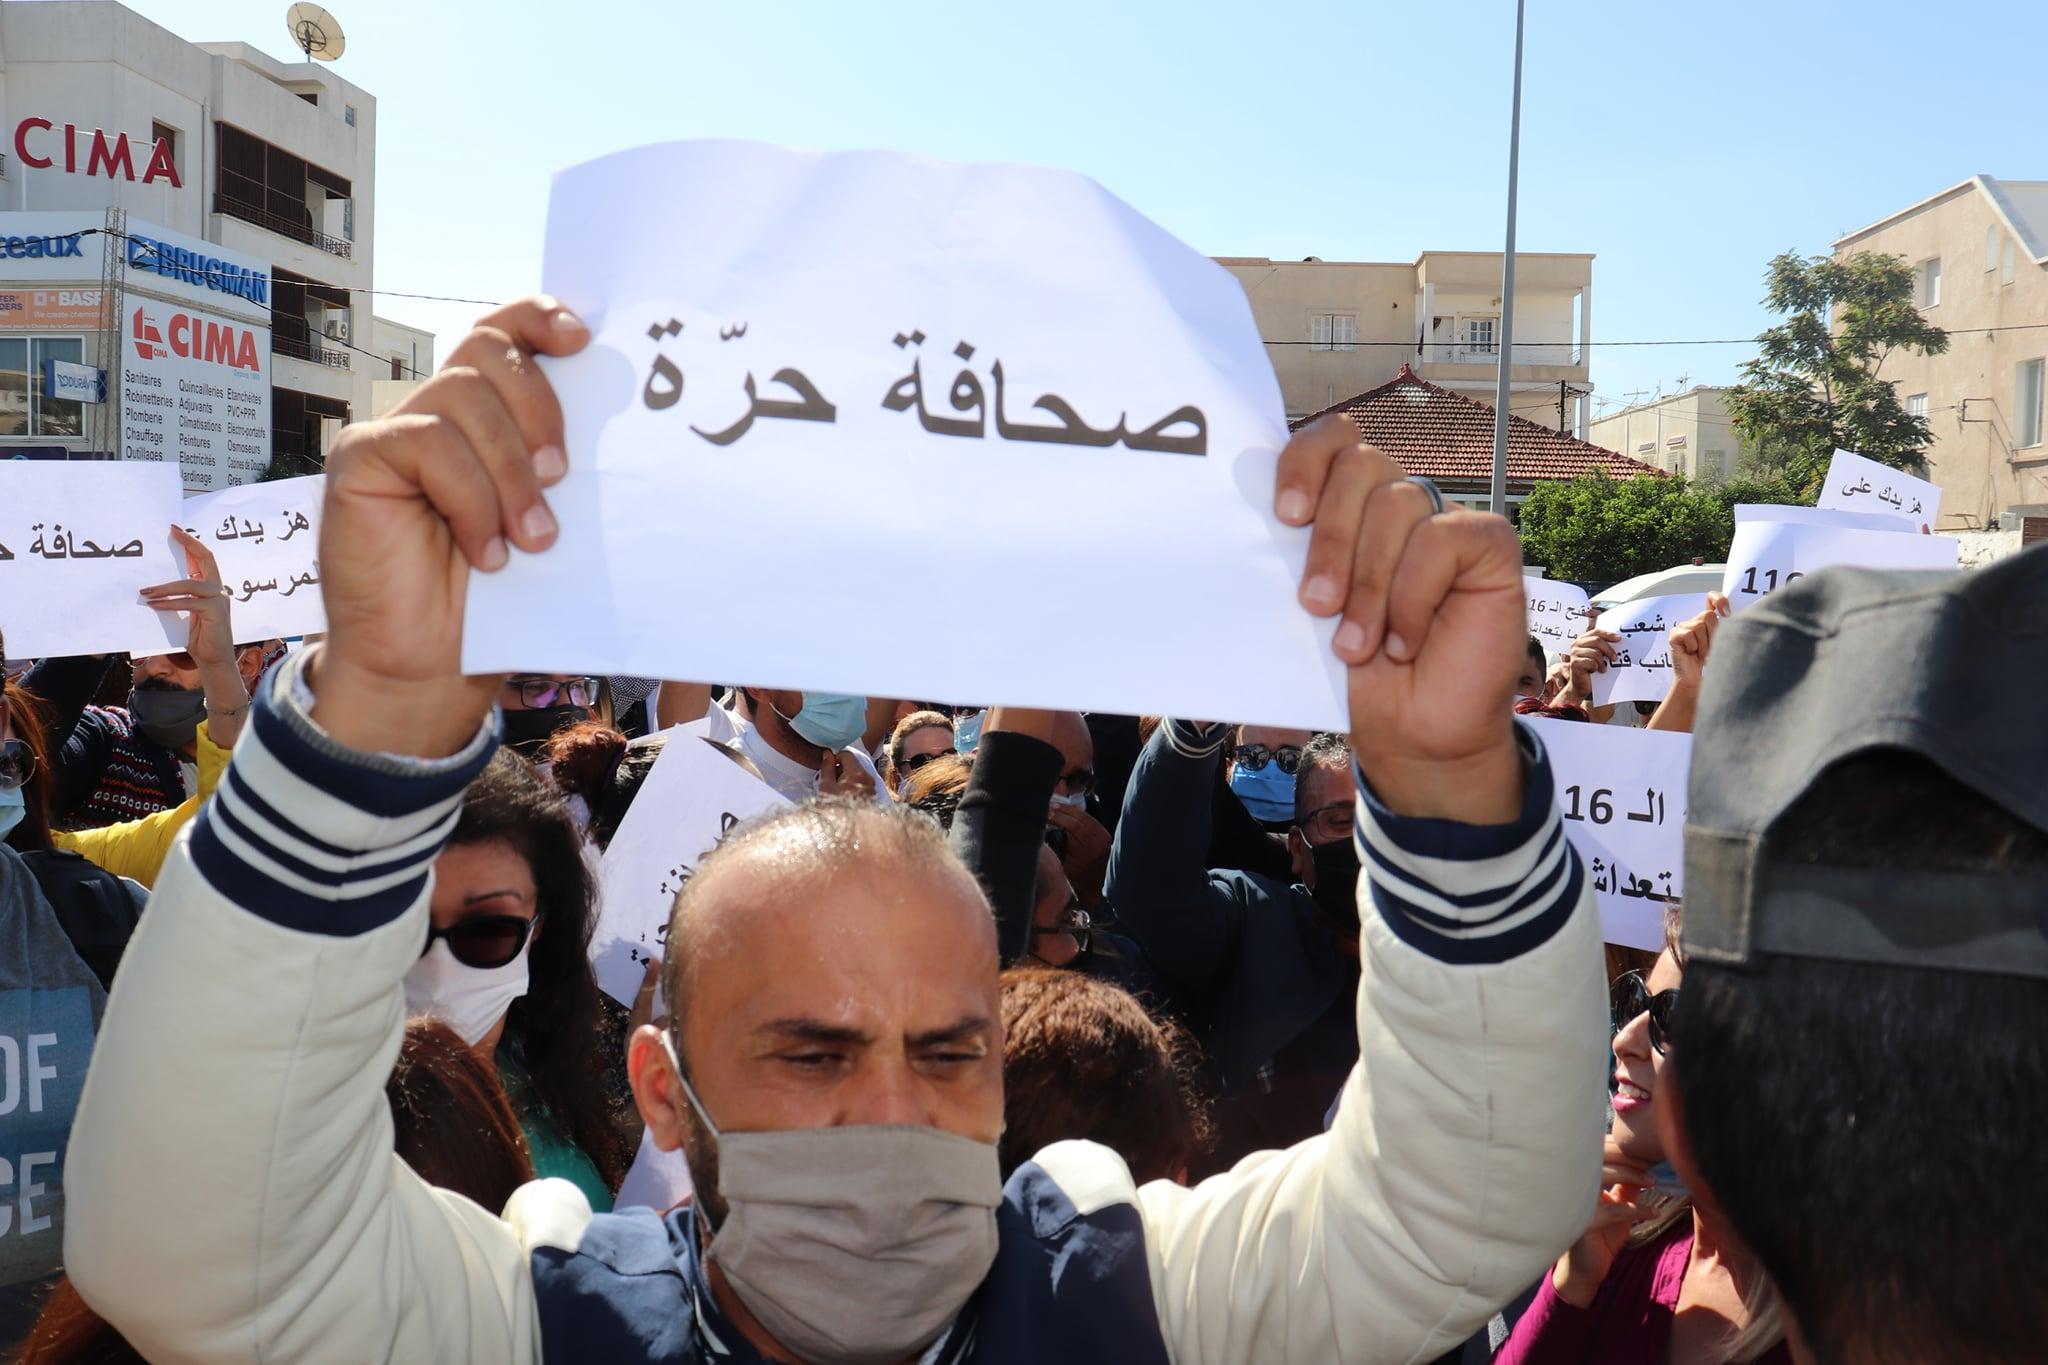 الصحافة التونسية في مواجهة أكثر من كاتم للصوت